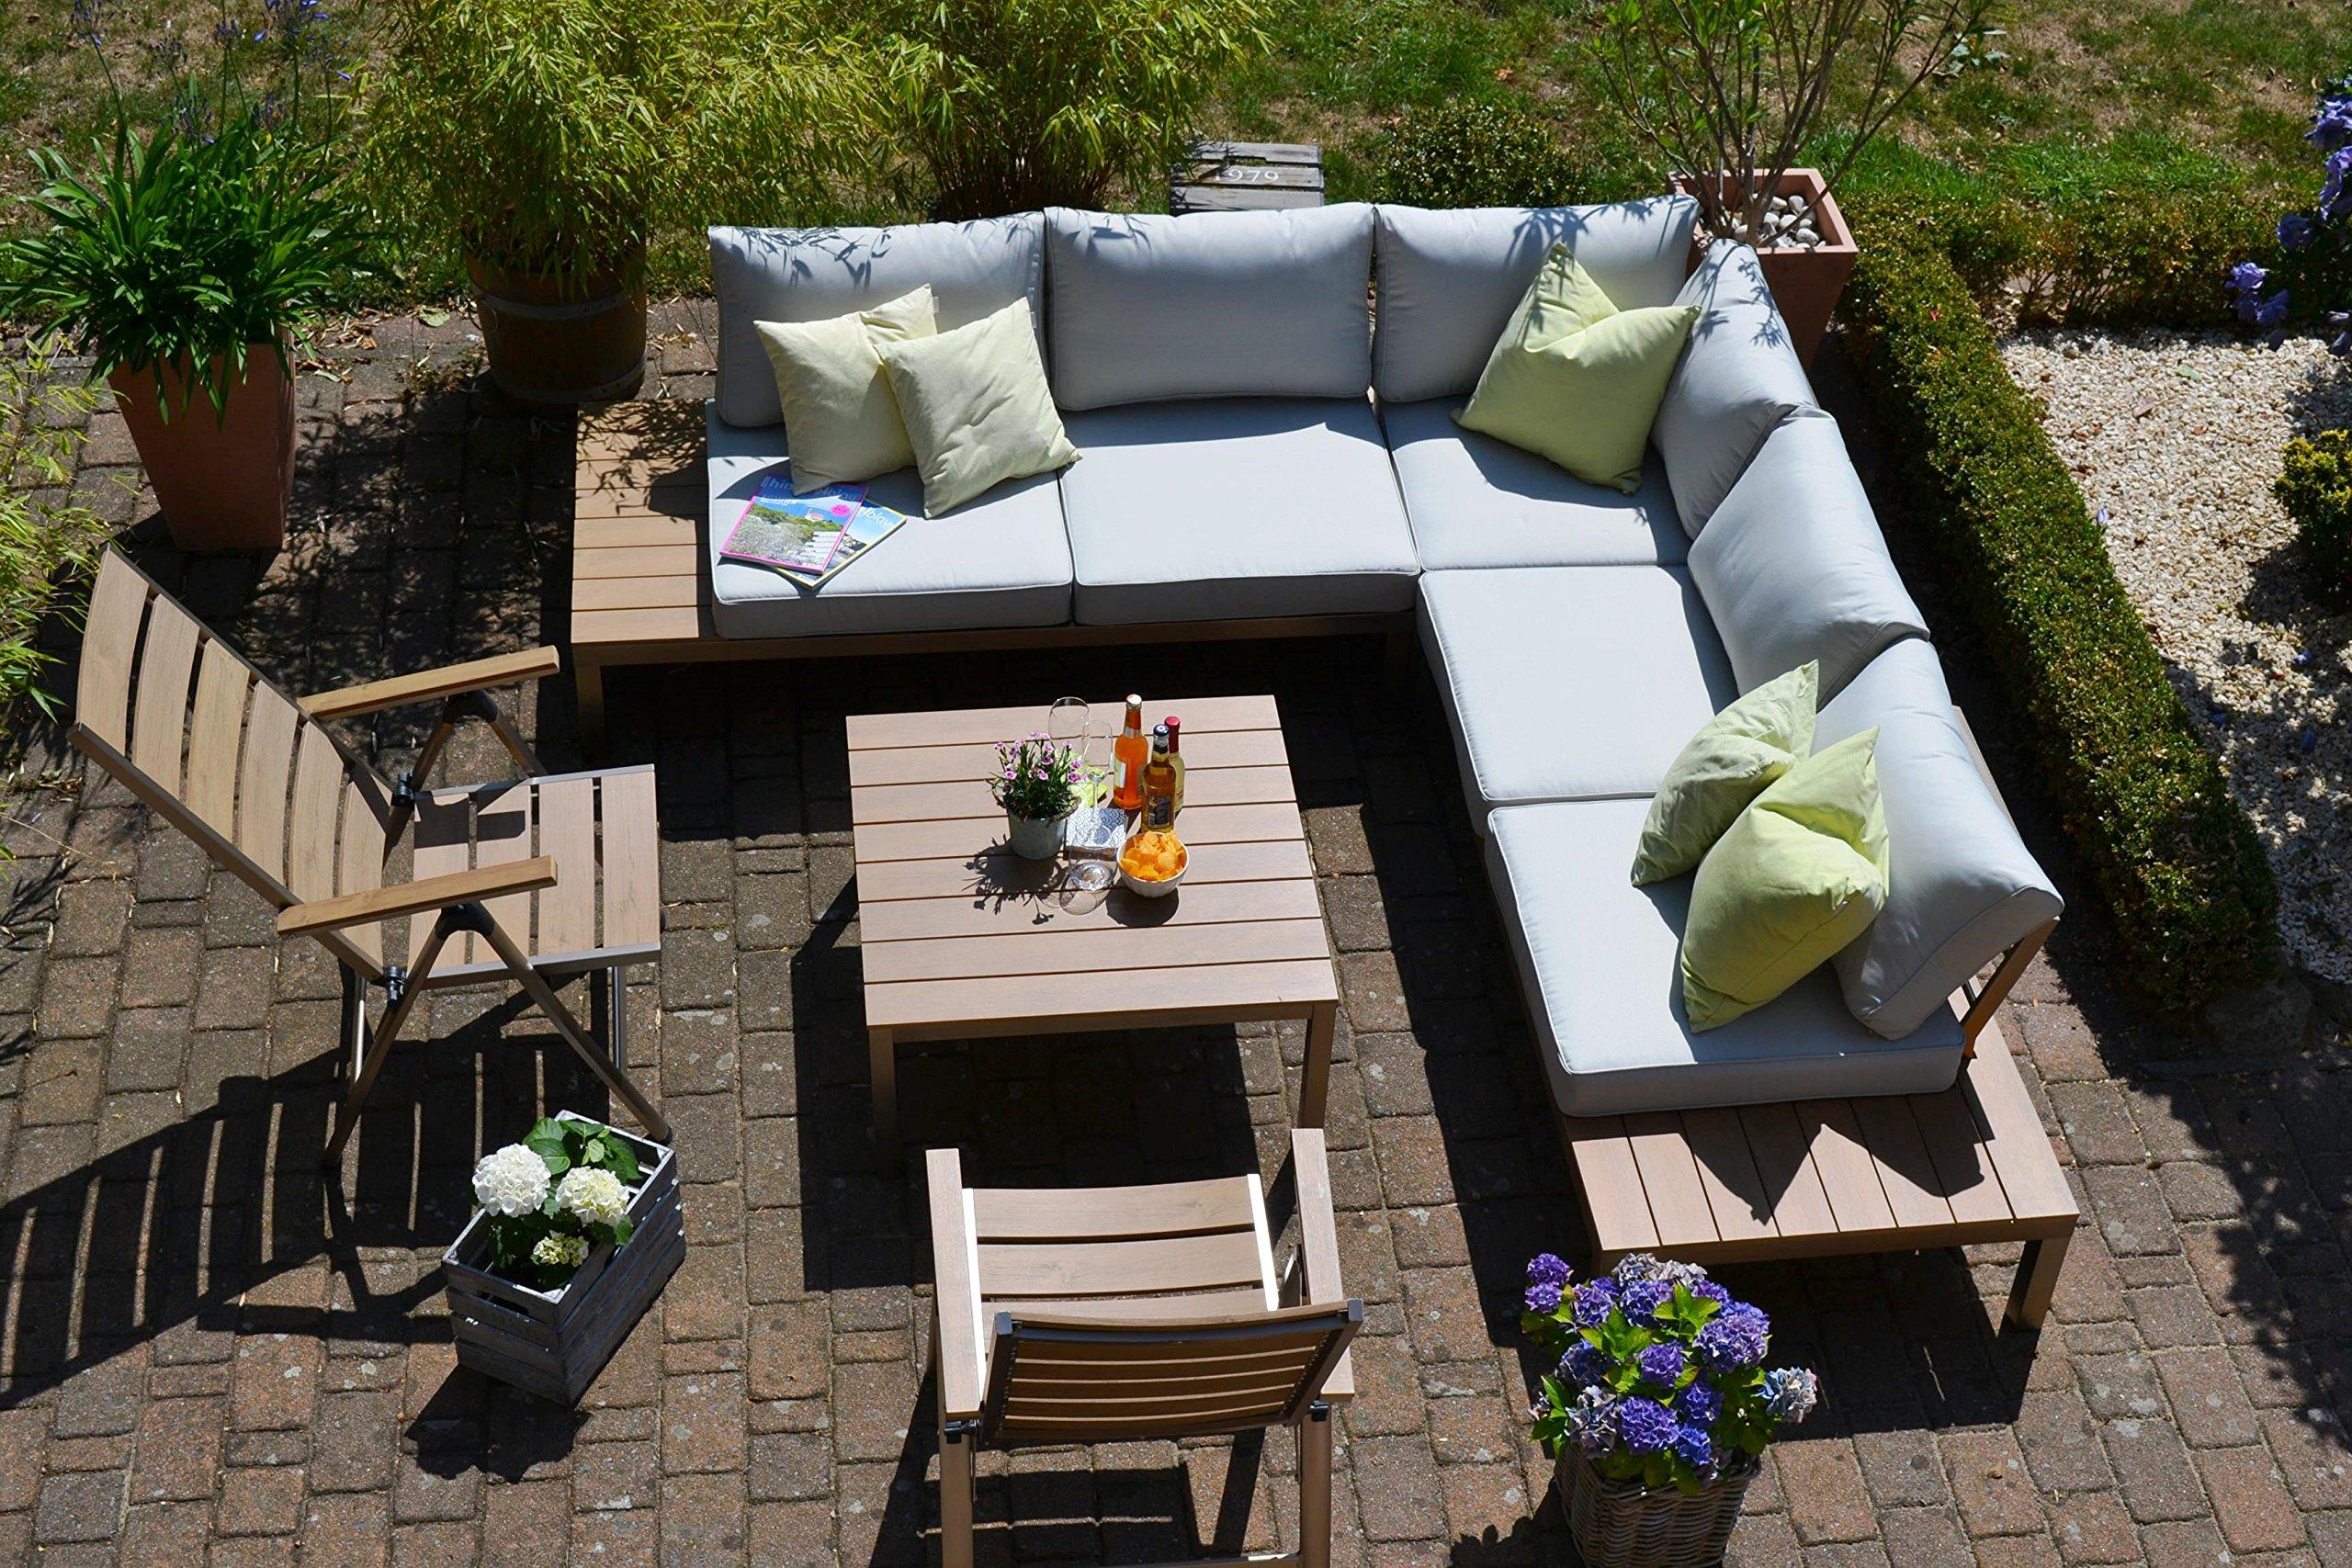 Bomey Lounge Set I Gartenmobel Orlando 4 Teilig I Edelstahlbeschichtete Alu Essgarnitur I Sitzgruppe Im Teak Holzdekor 2 Hochlehner Tisch